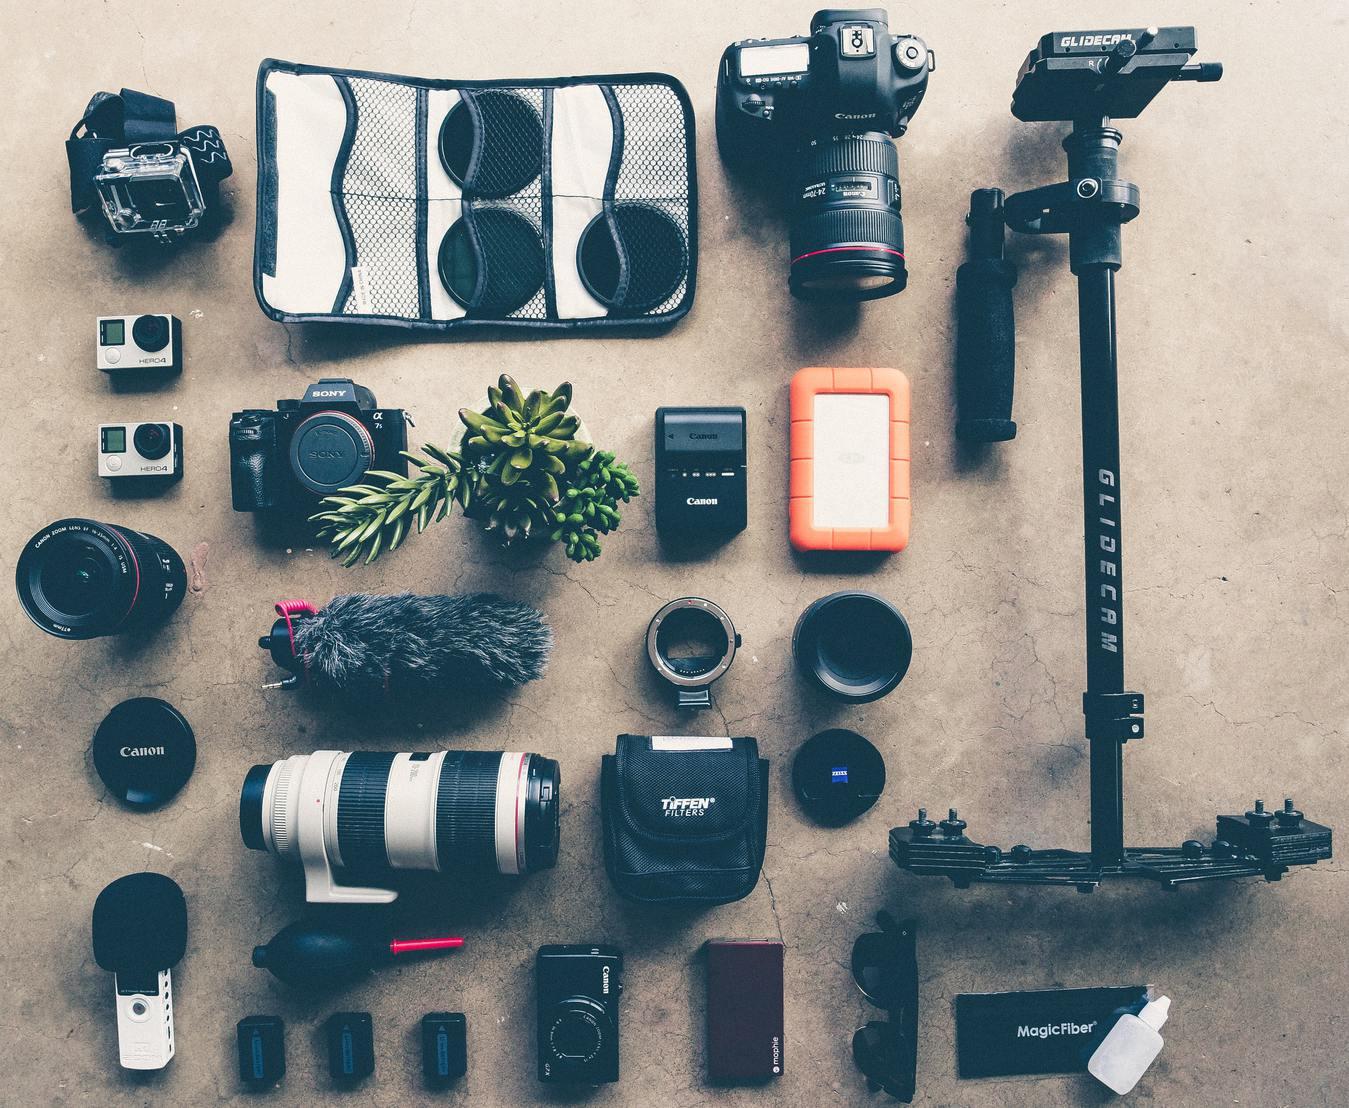 Fotografie apparatuur verspreid op de vloer